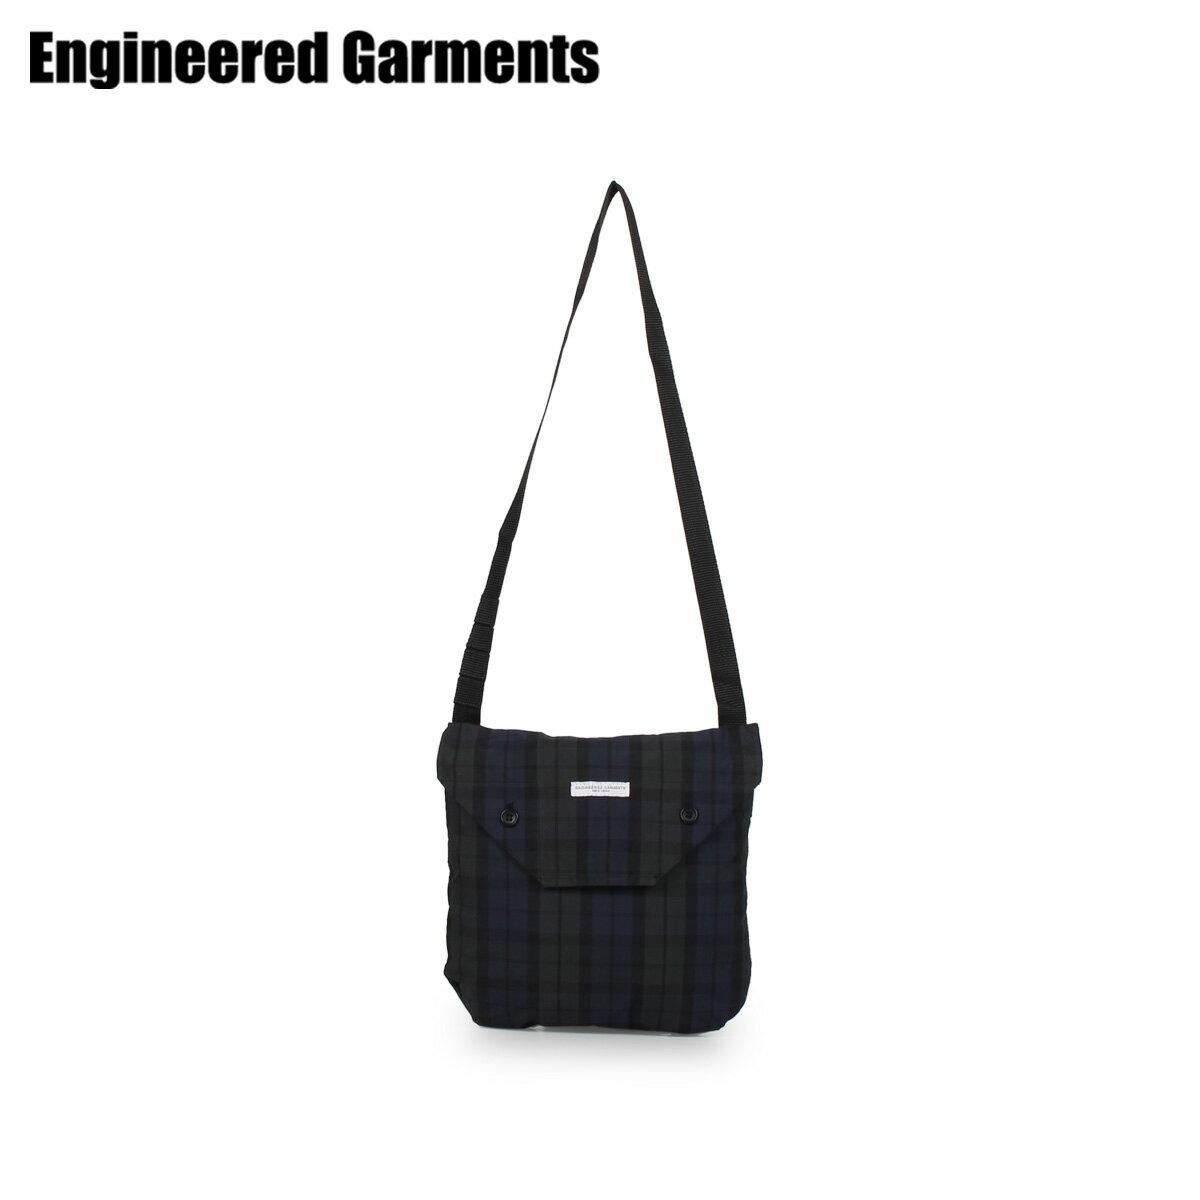 男女兼用バッグ, ショルダーバッグ・メッセンジャーバッグ 2000OFF ENGINEERED GARMENTS SHOULDER POUCH 20S1H014